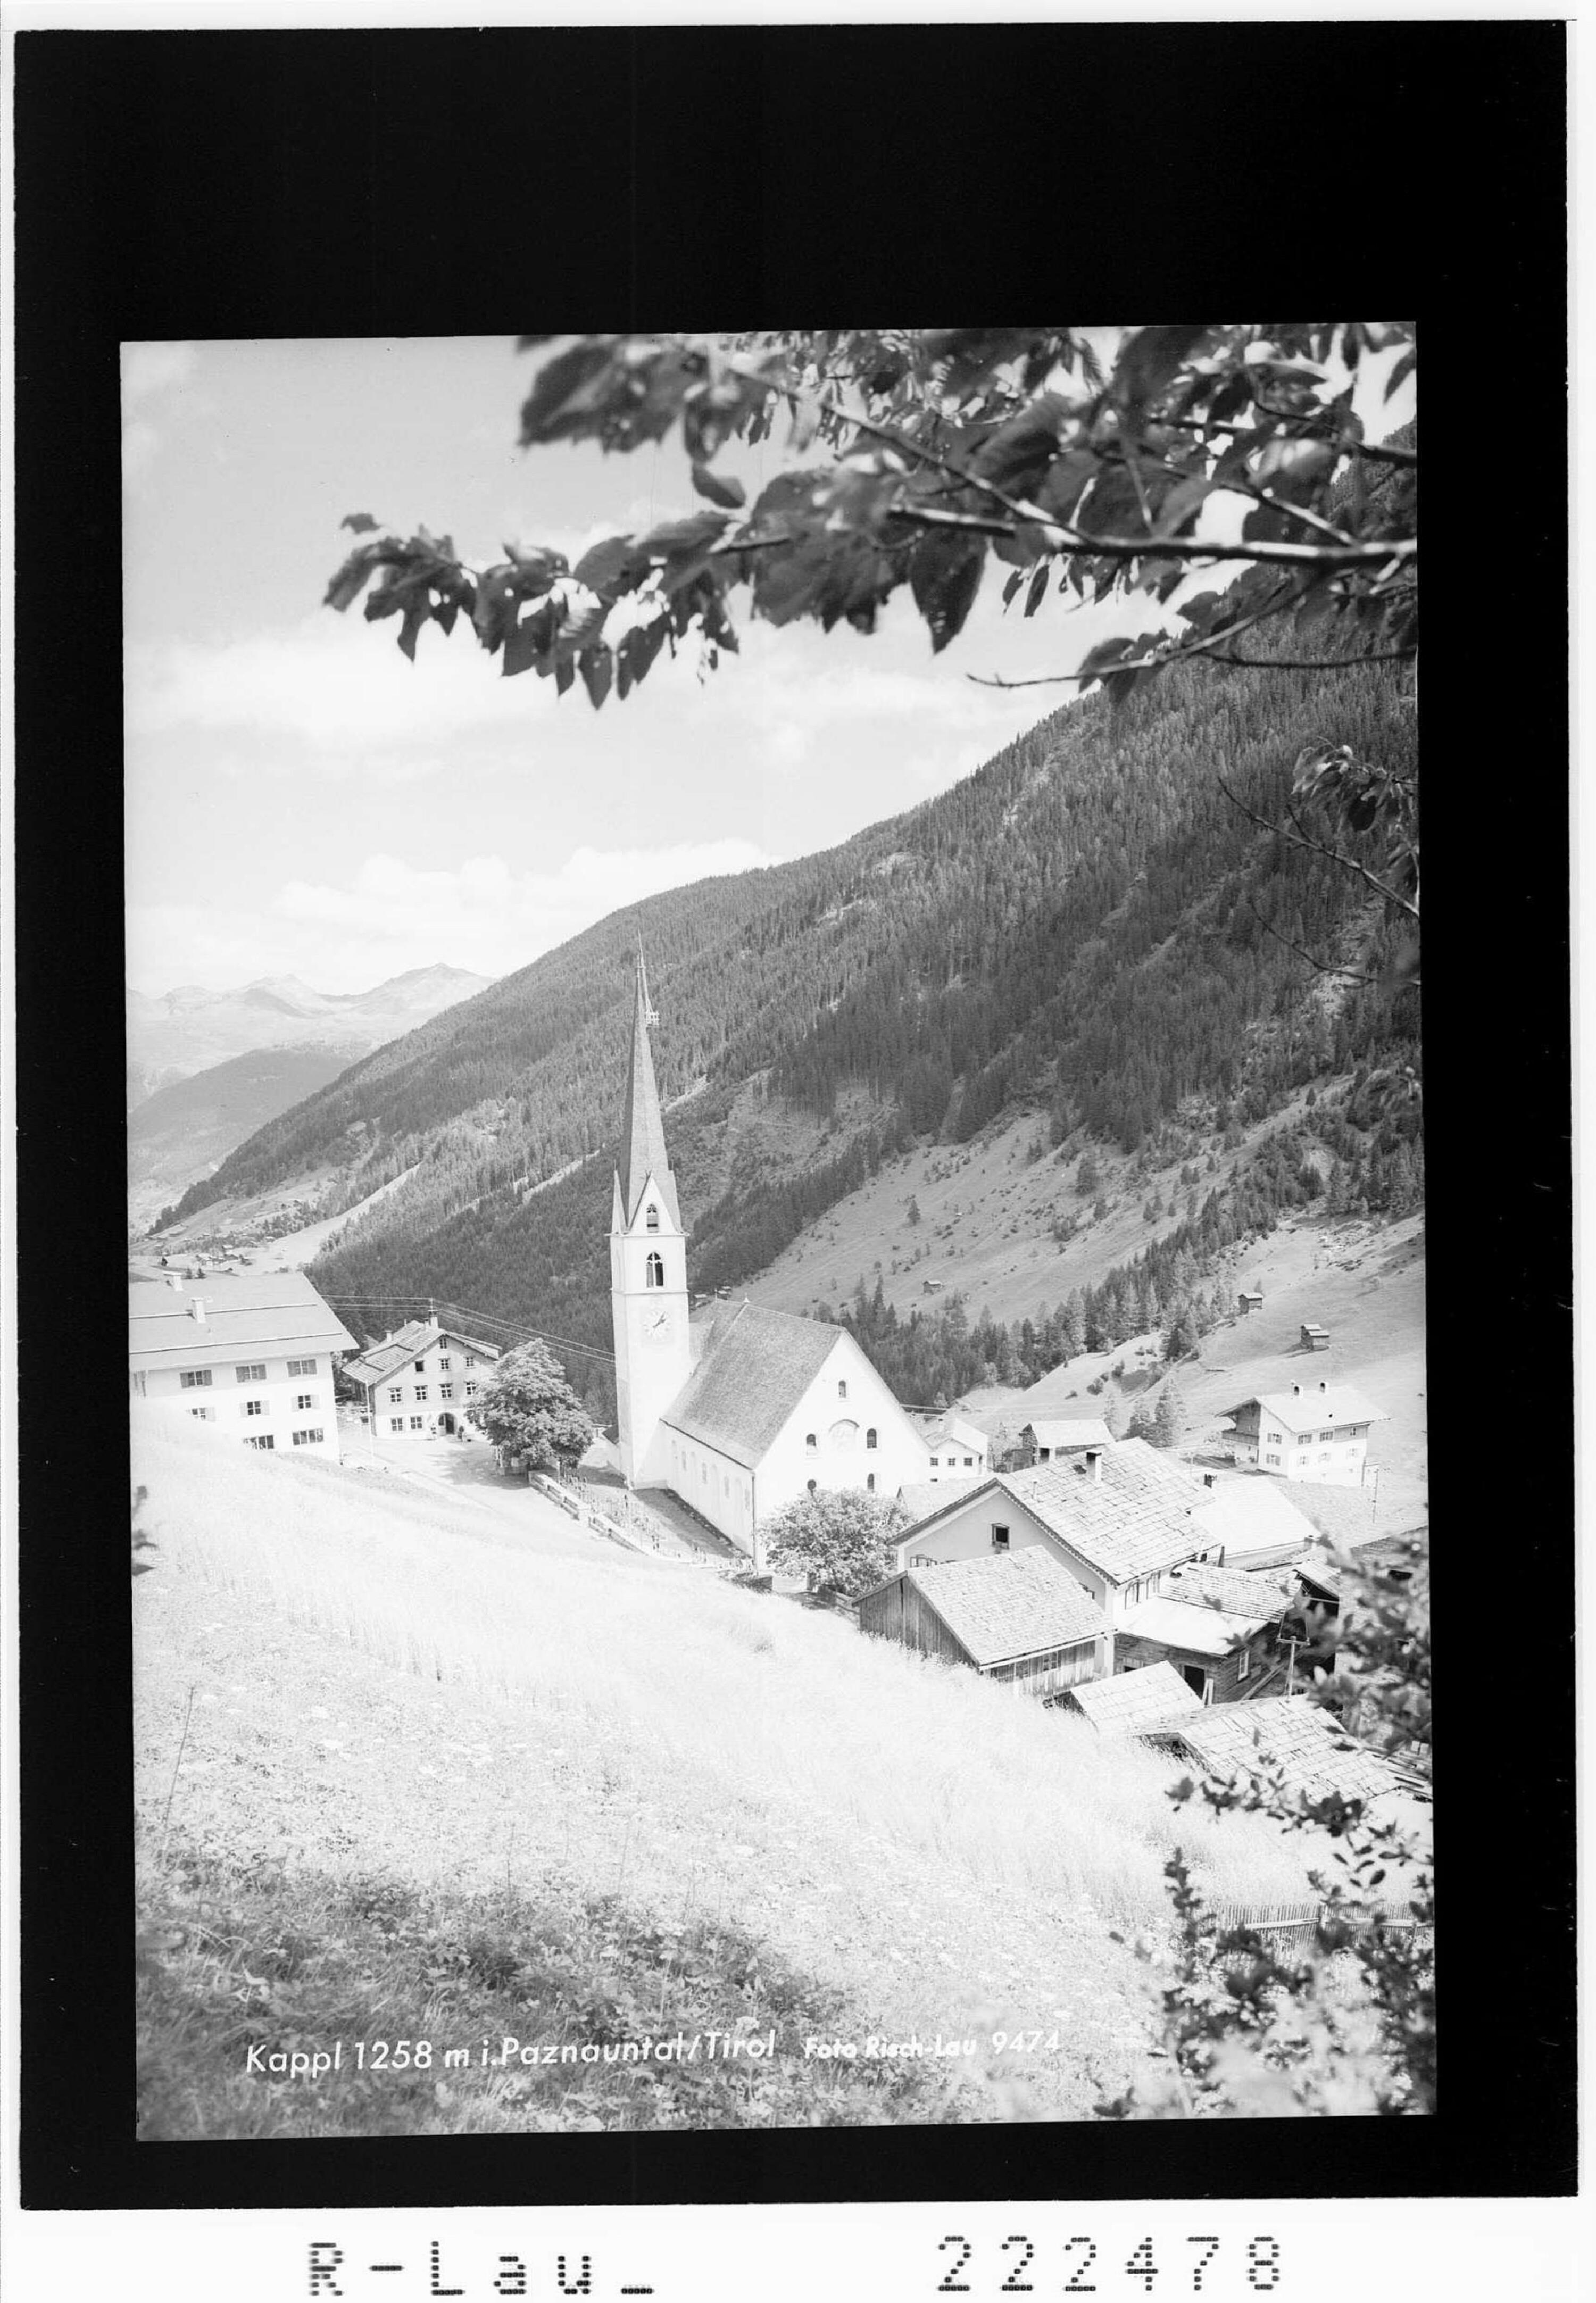 Kappl 1258 m im Paznauntal / Tirol von Risch-Lau